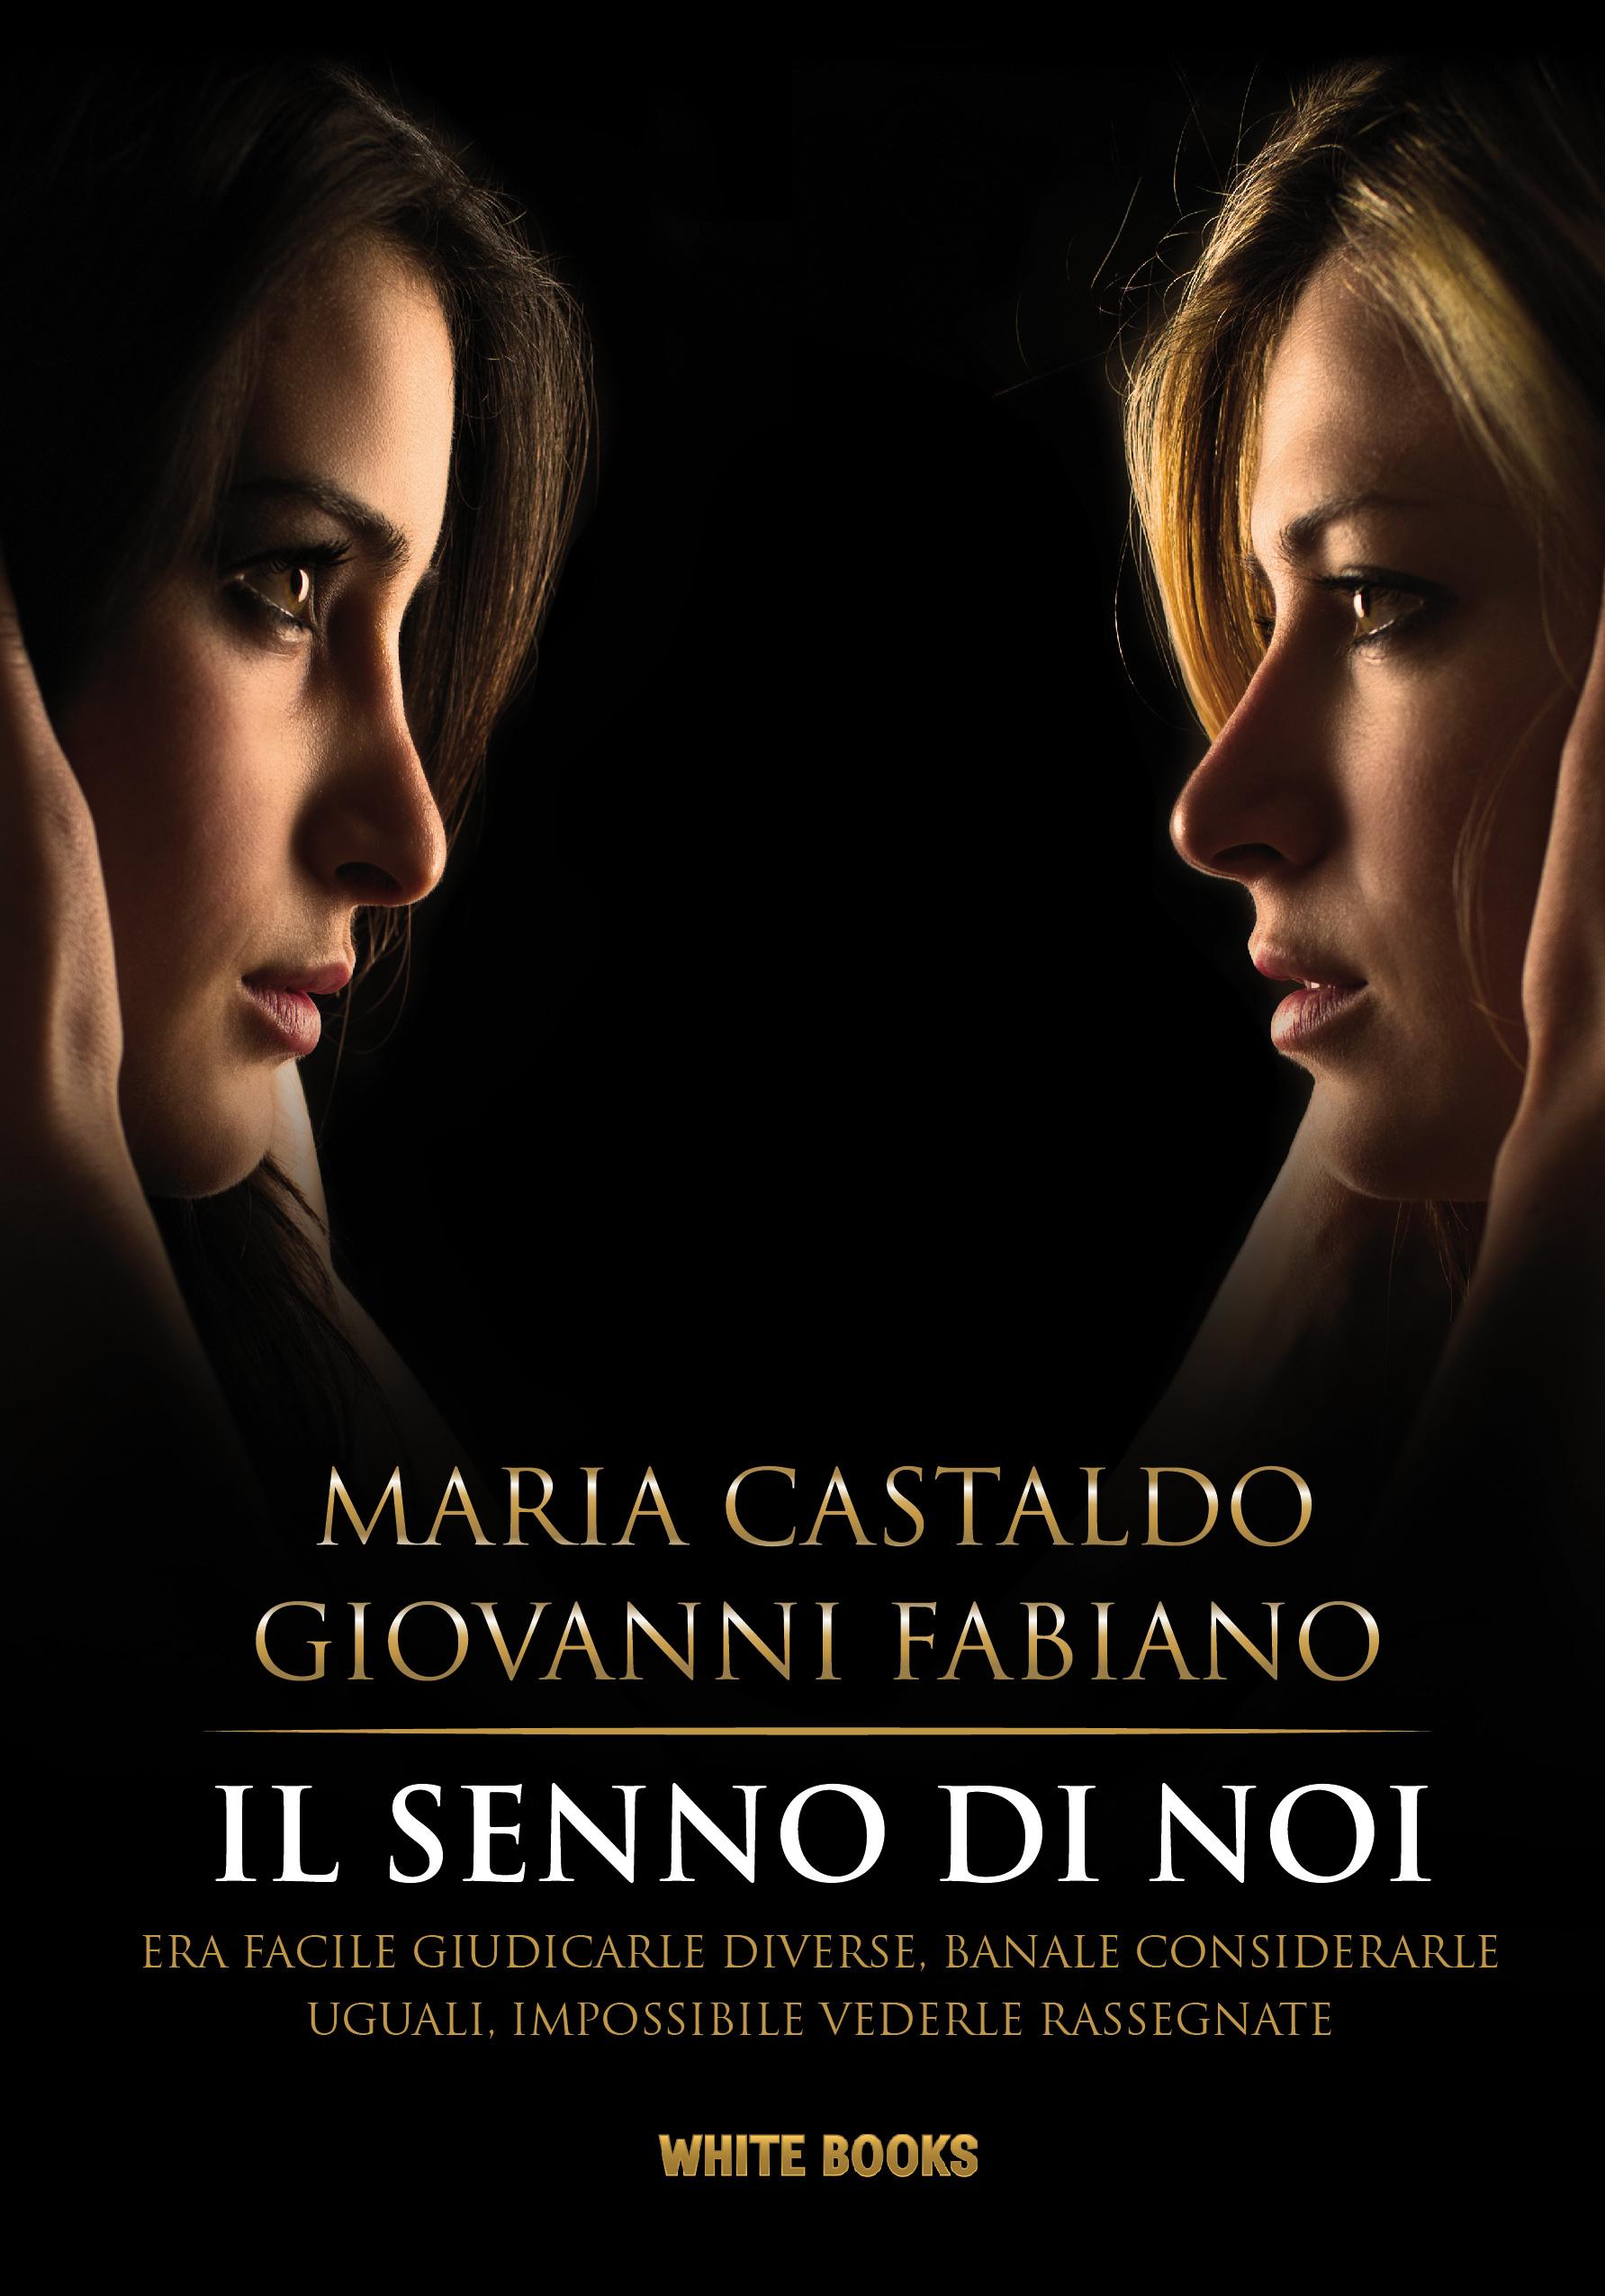 FRONTE Il senno di noi_Castaldo M e Fabiano G-01